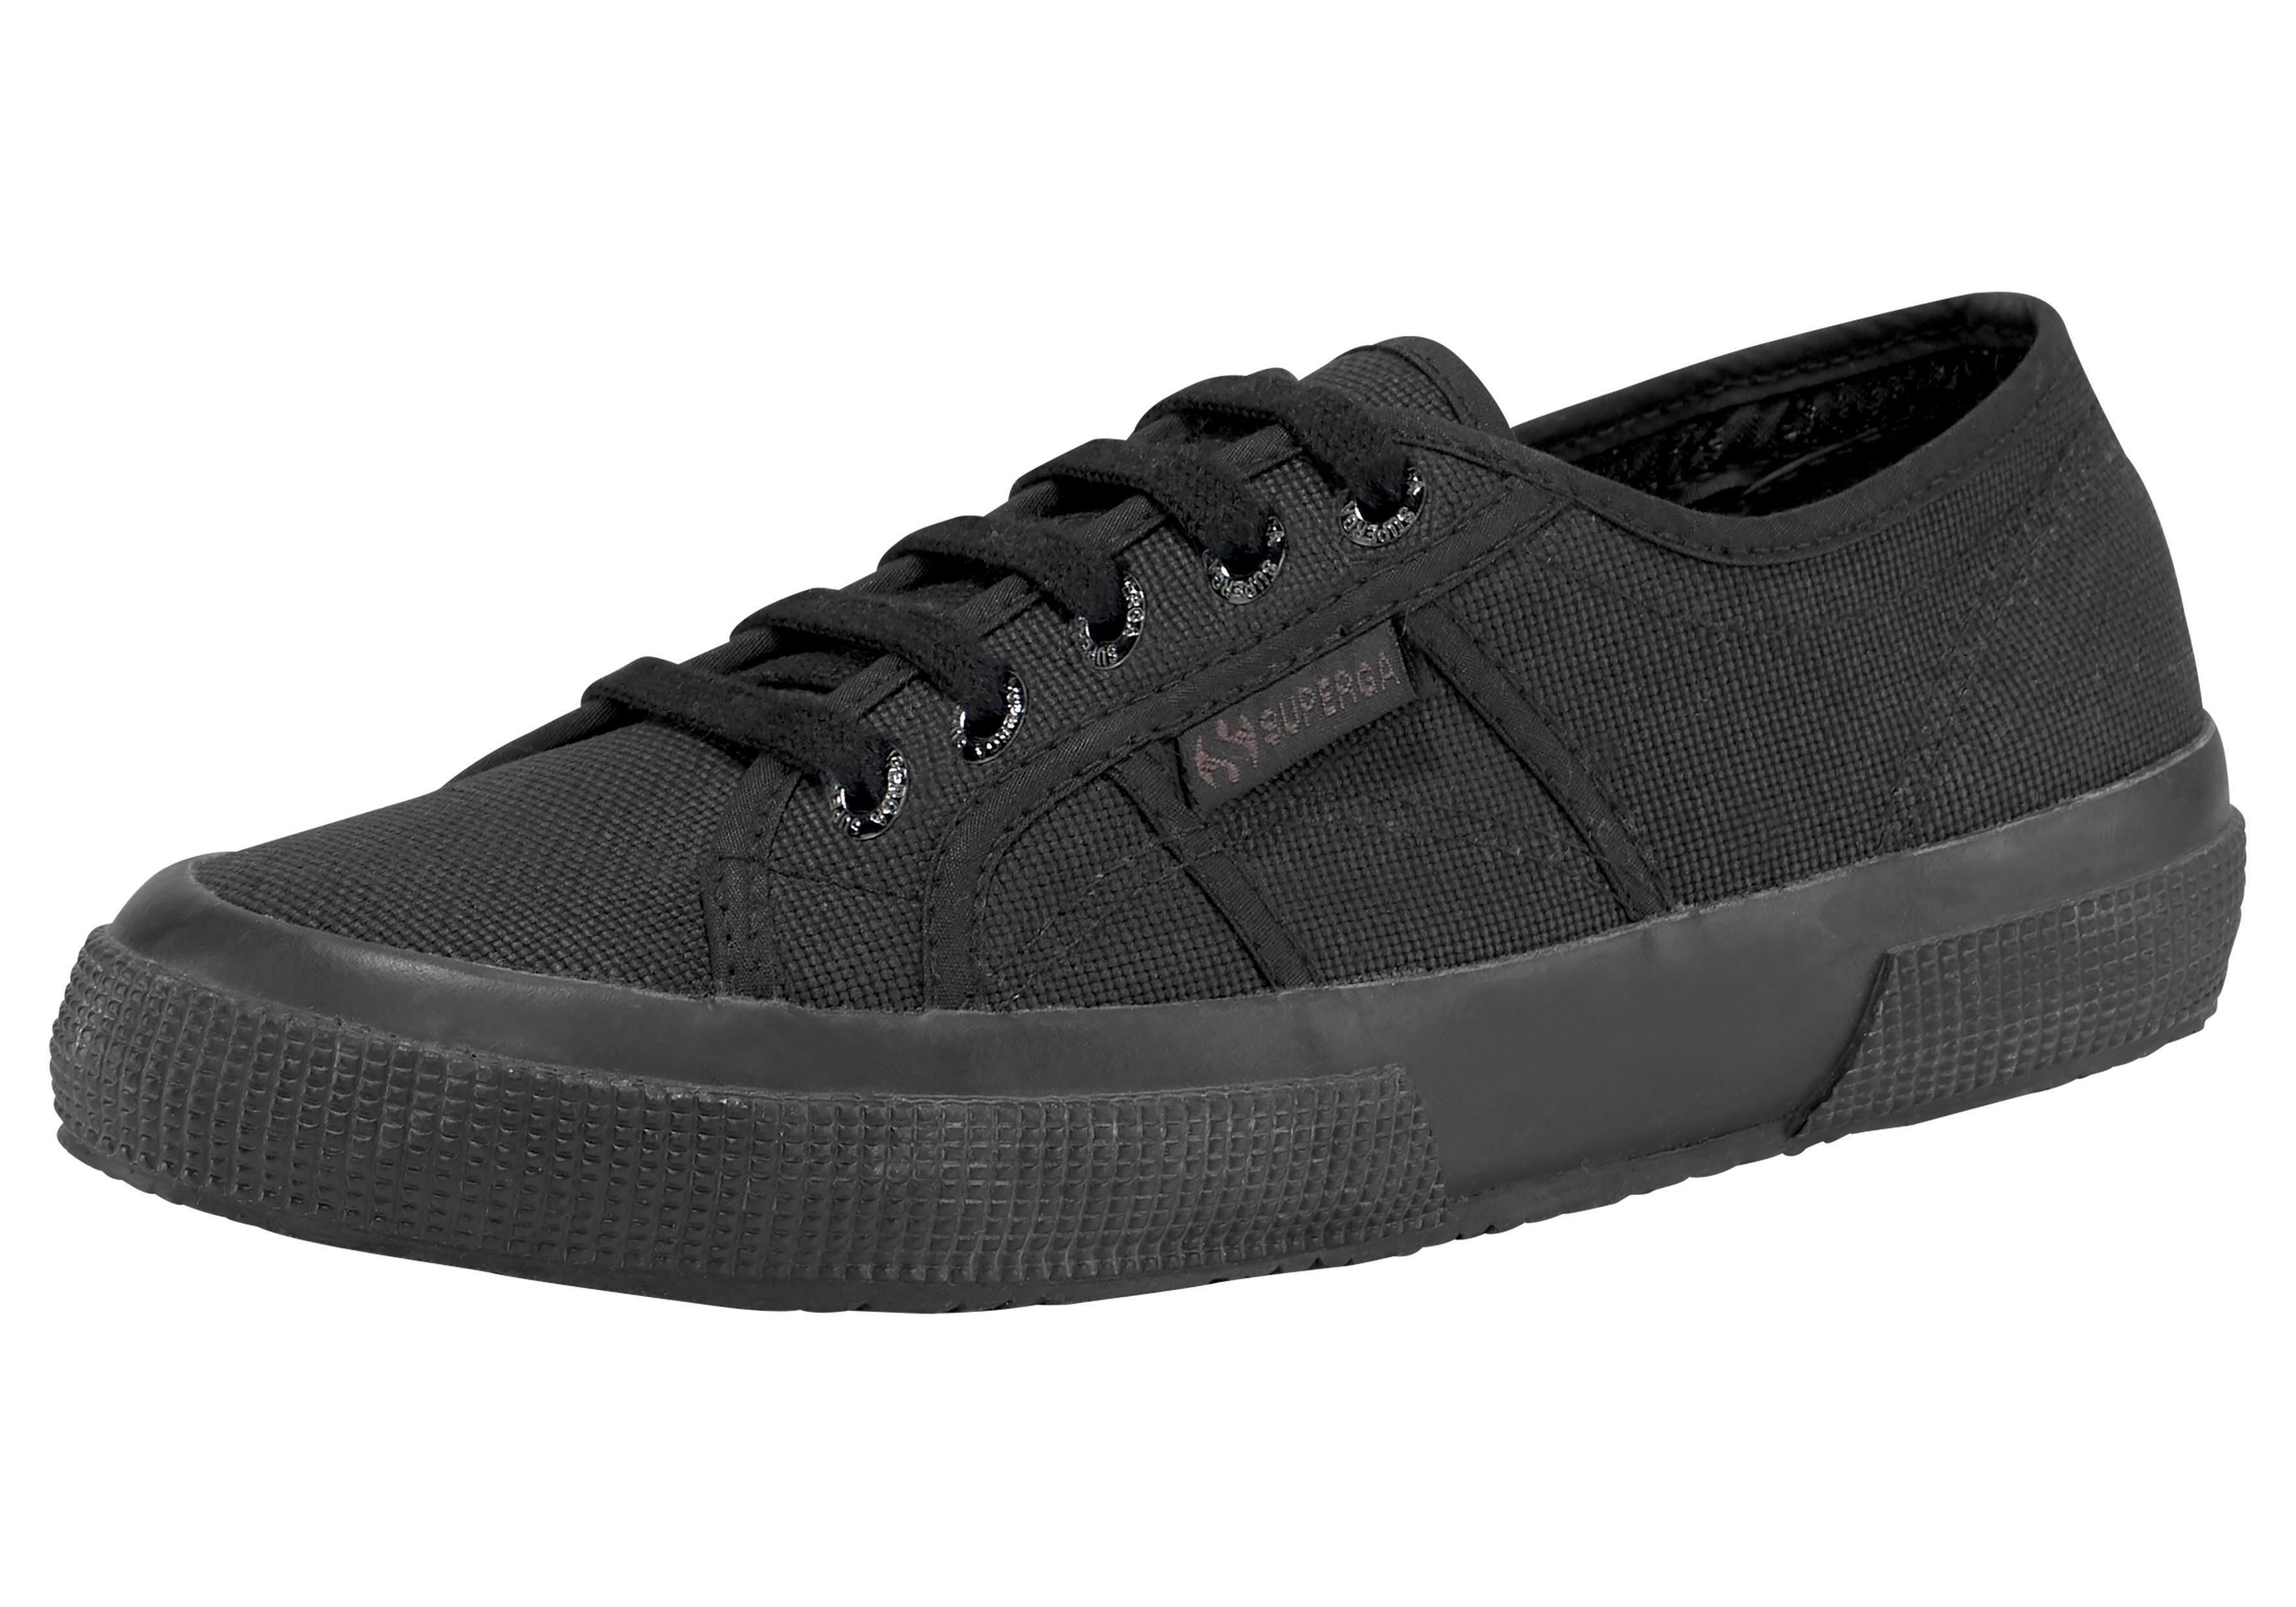 Superga »Cotu Classic« Sneaker, Trendiger Sneaker von SUPERGA online kaufen | OTTO